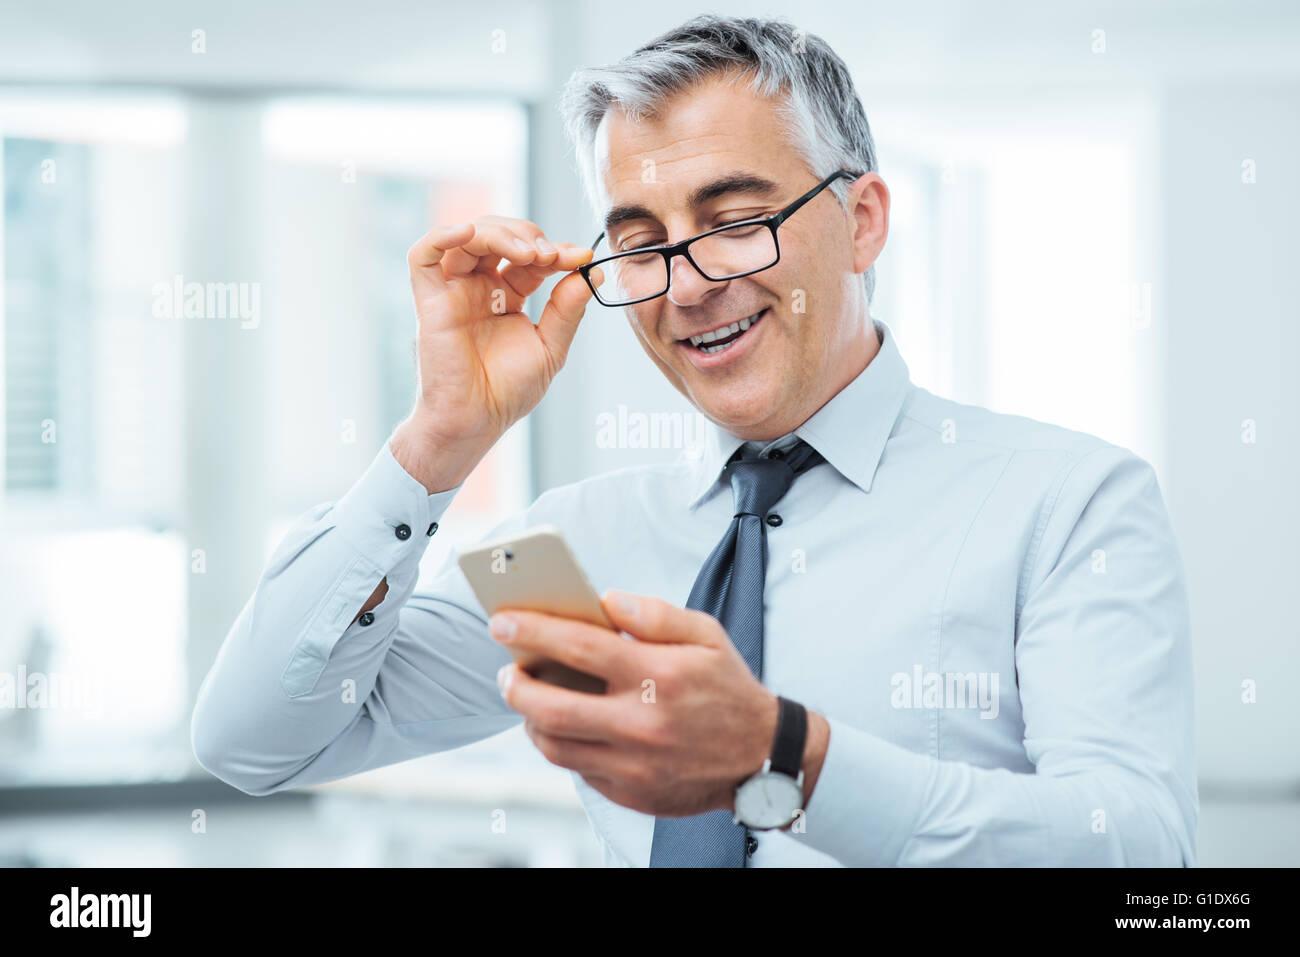 Empresario sonriente con problemas de la visión, él está ajustando sus gafas y leyendo algo en su teléfono móvil Foto de stock